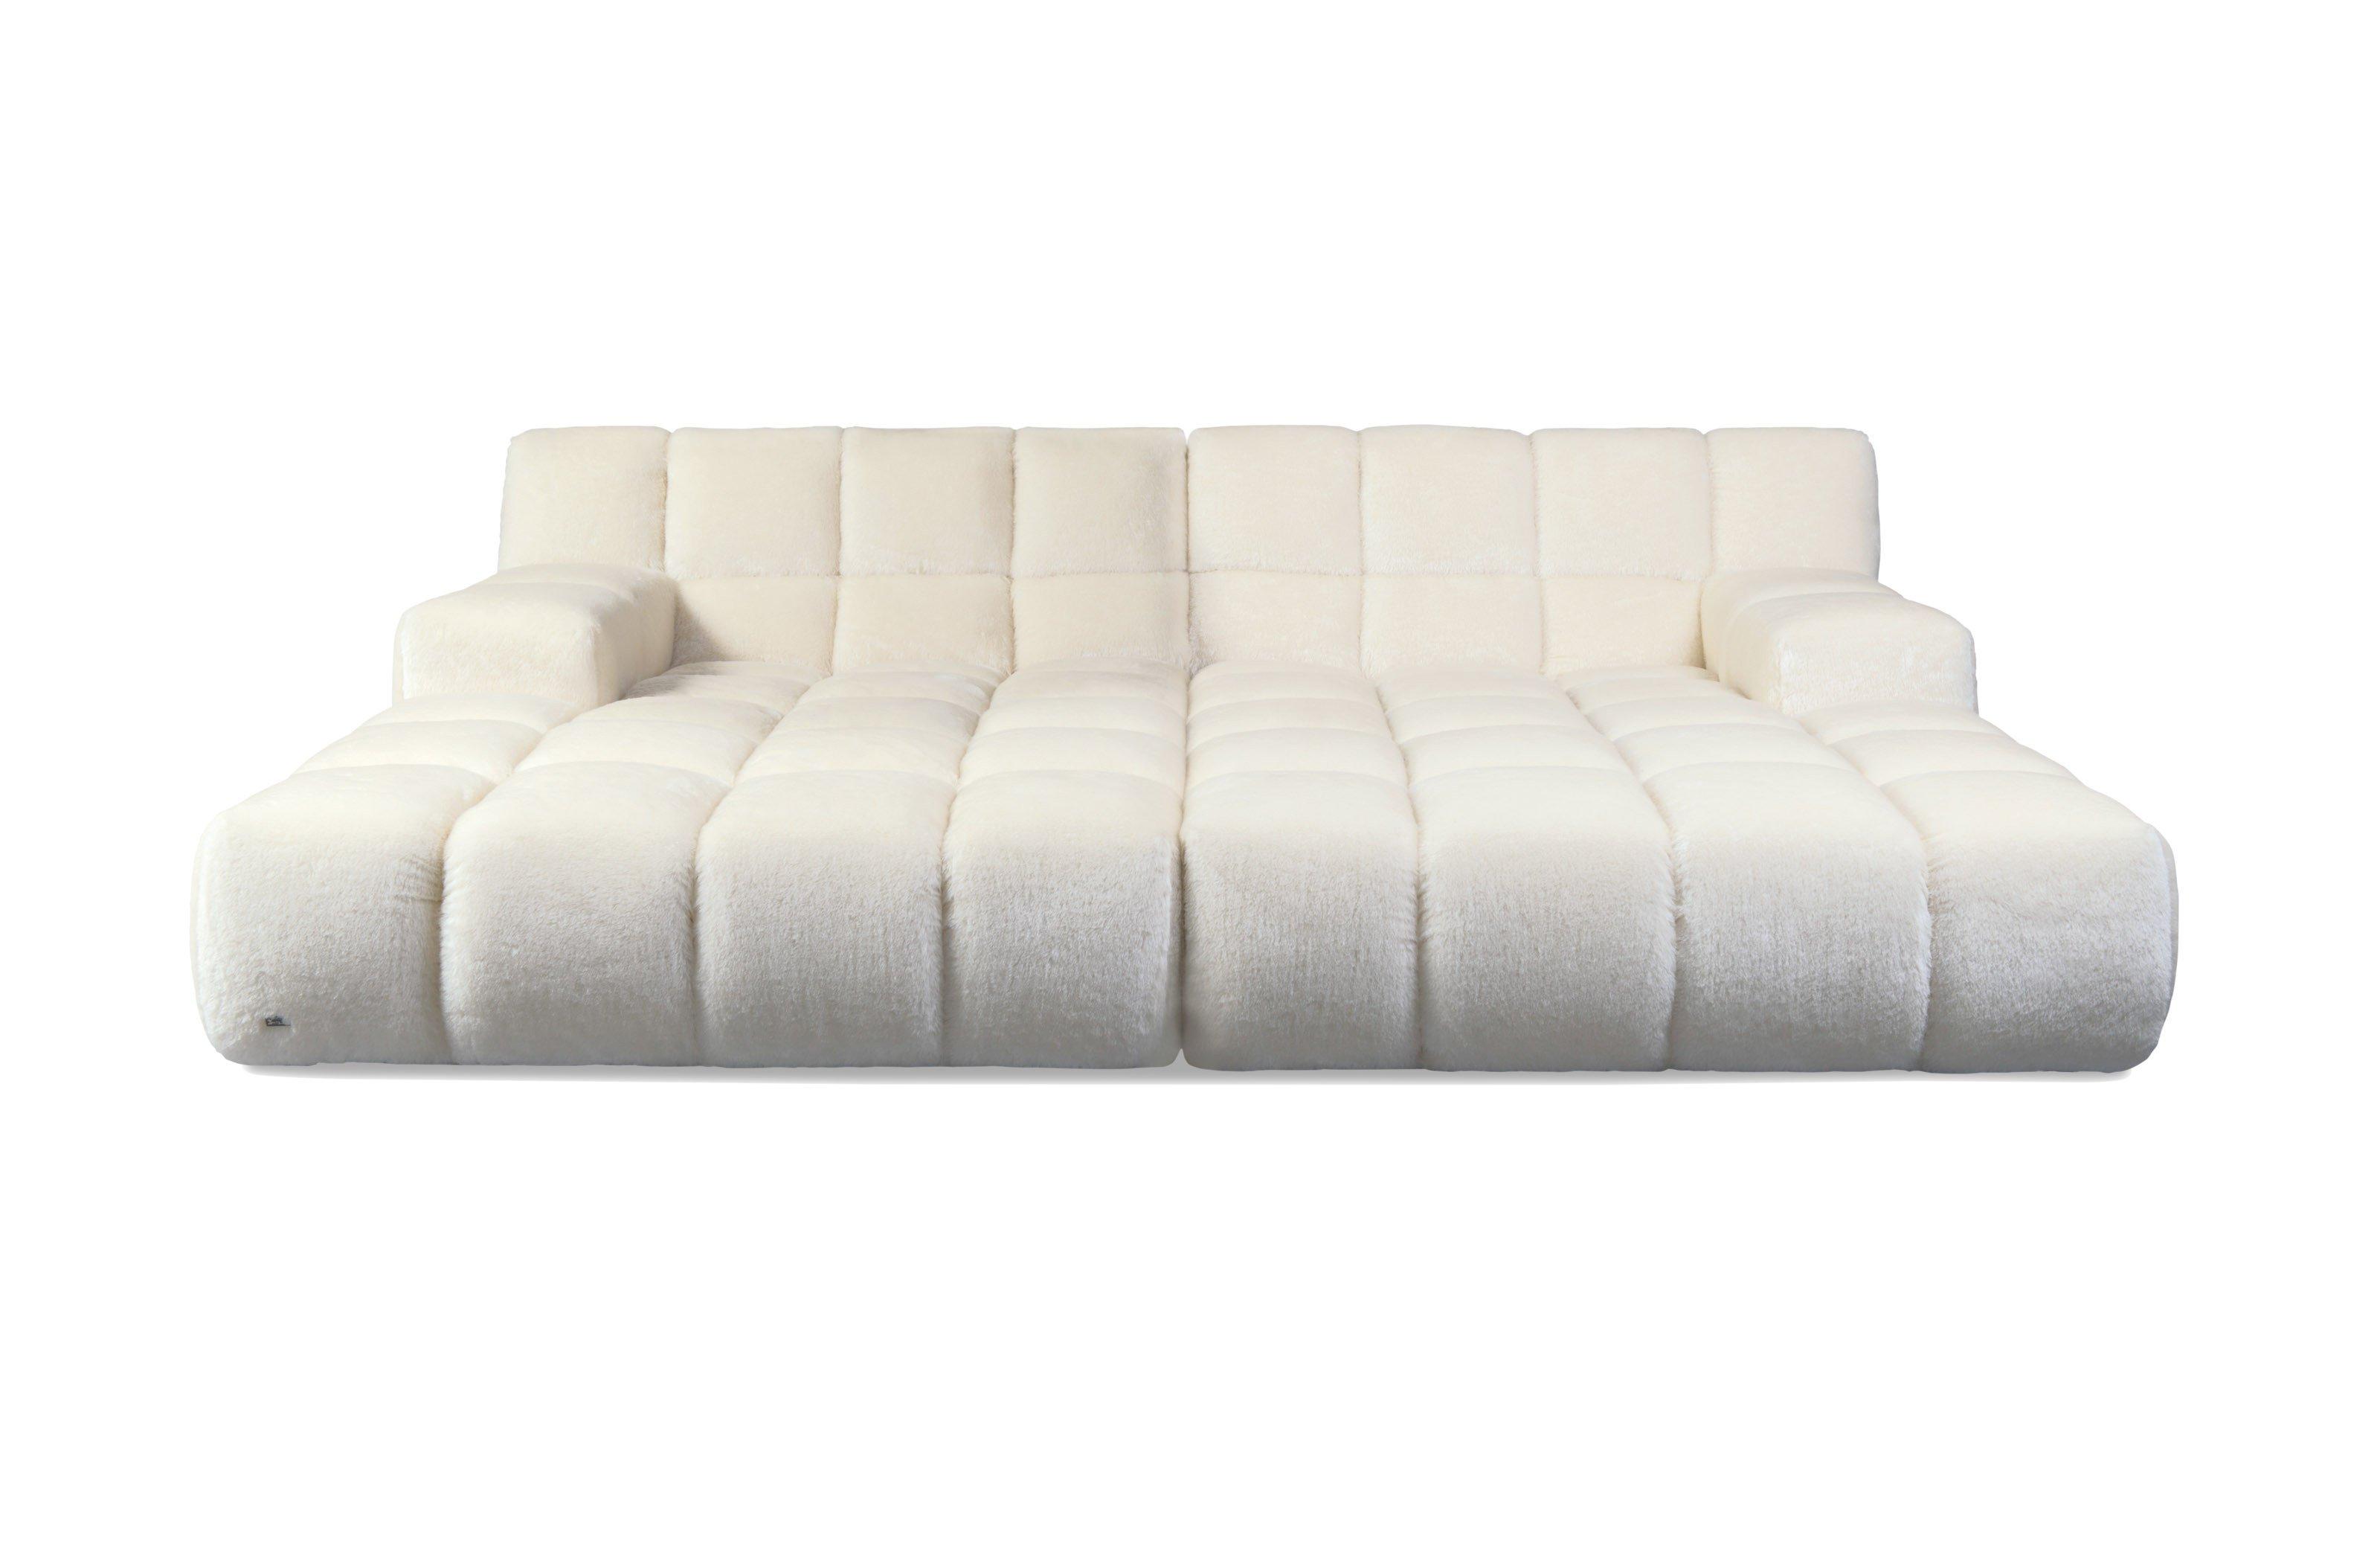 Bretz Ocean 7 Sofa creme | Möbel Letz - Ihr Online-Shop